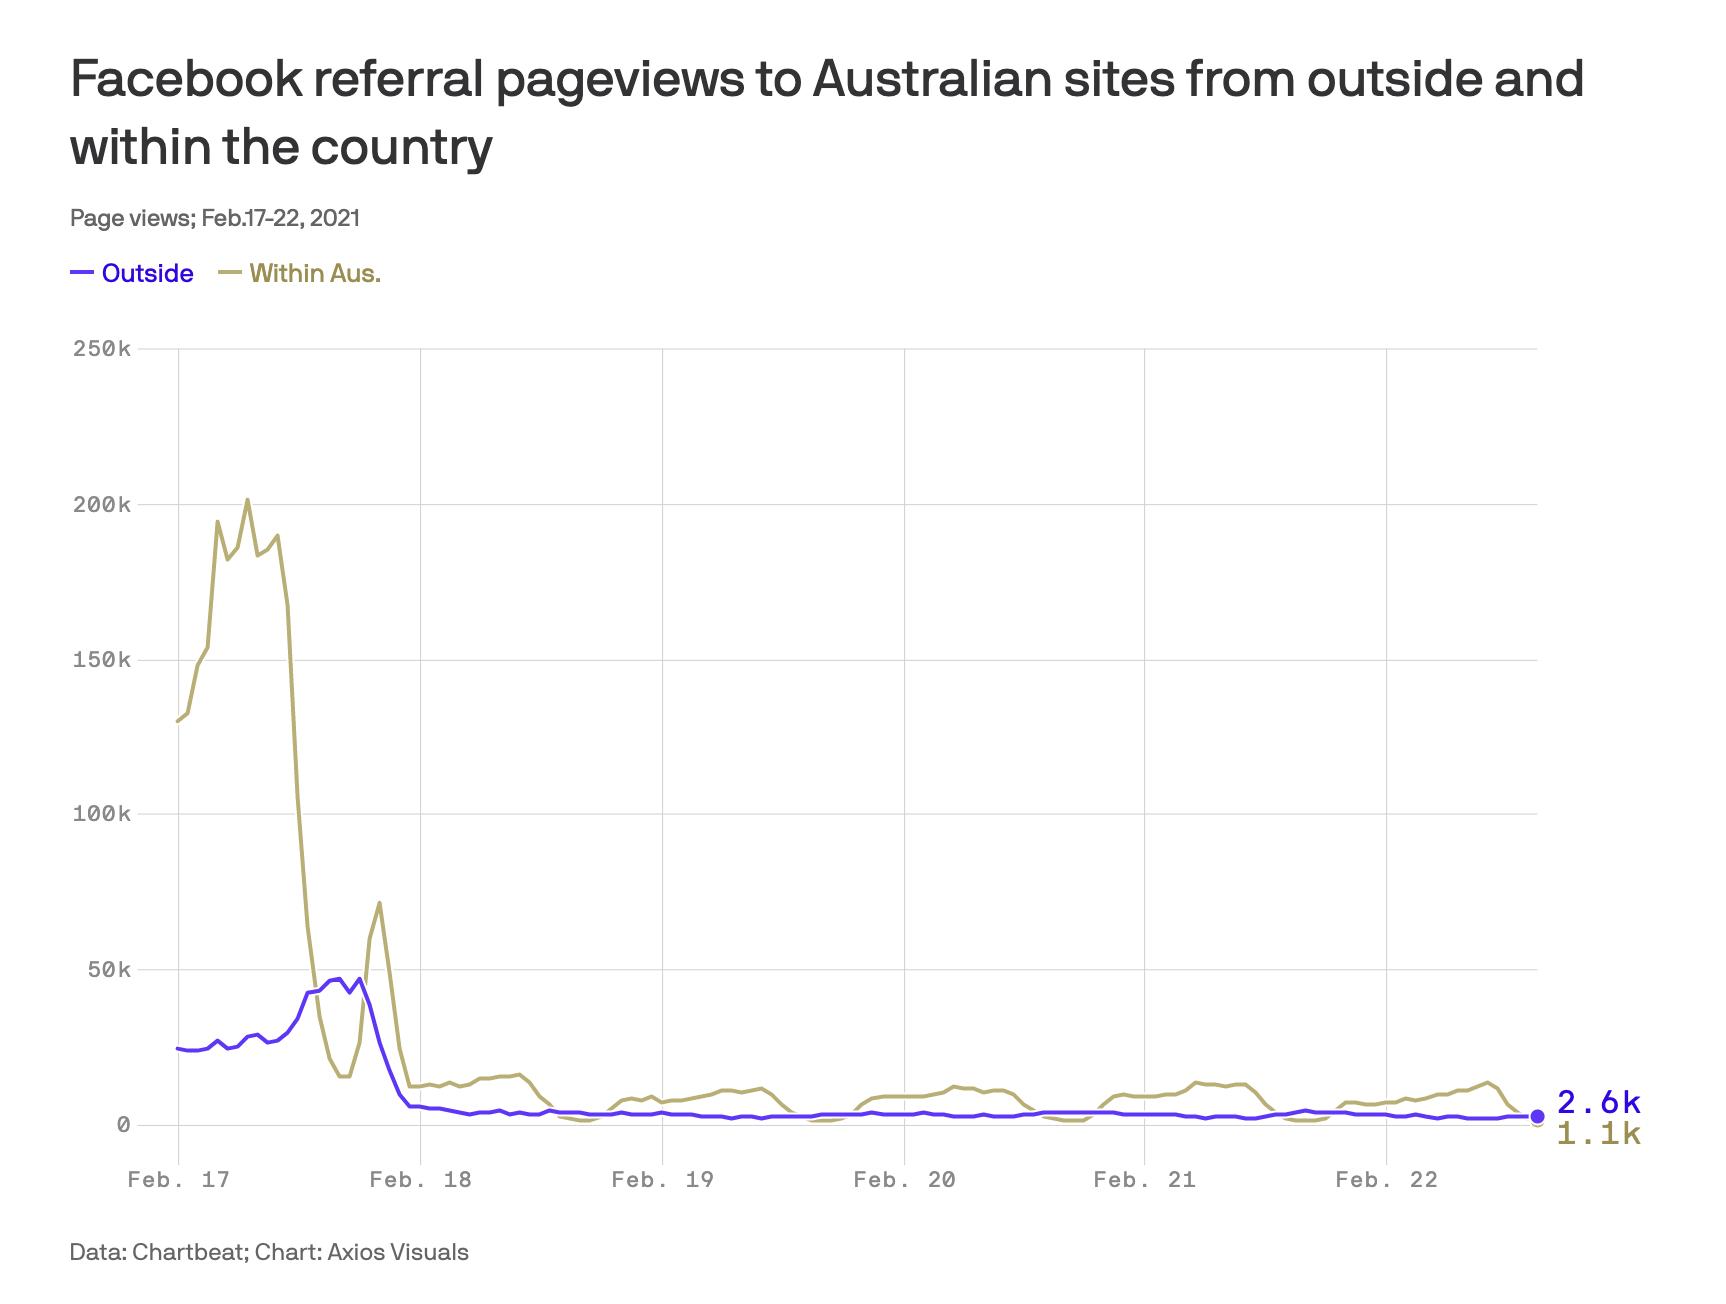 Facebook'un Avustralya engeli ile haber sitelerine giden yaklaşık 250 bin tıklamanın 4000'in altına düştüğünü gösteren bir tablo.